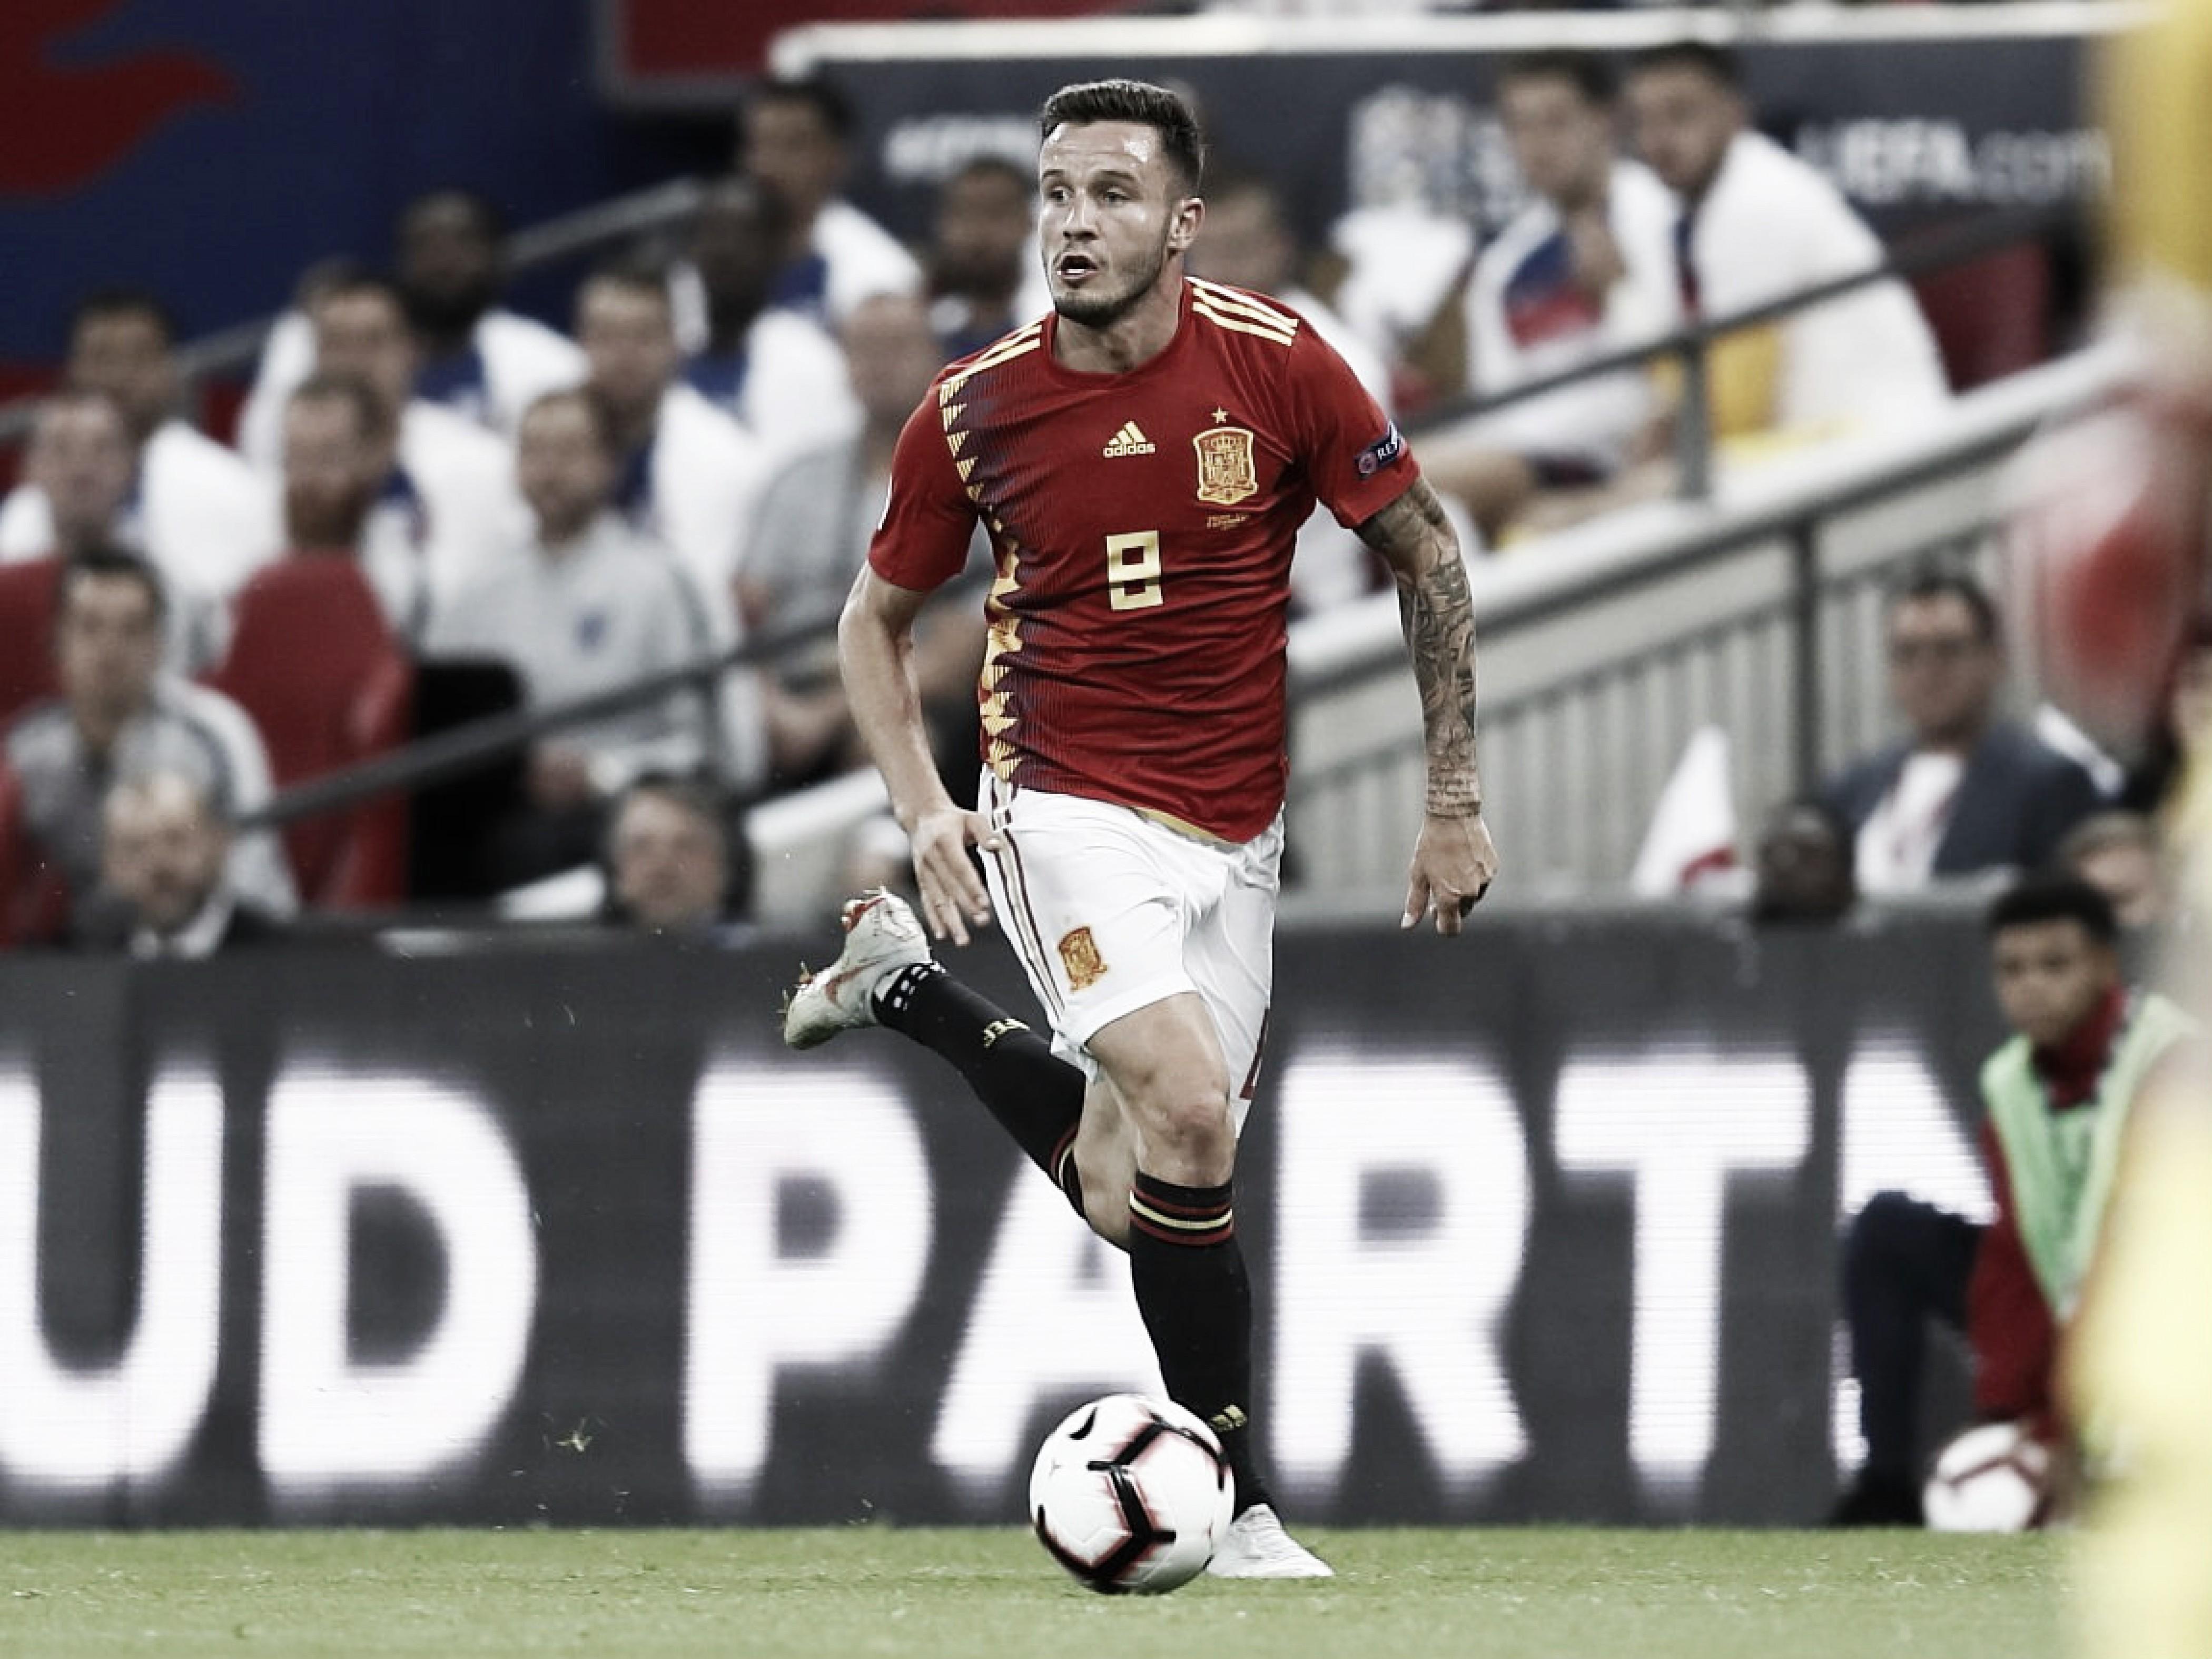 España silencia el Estadio de Wembley